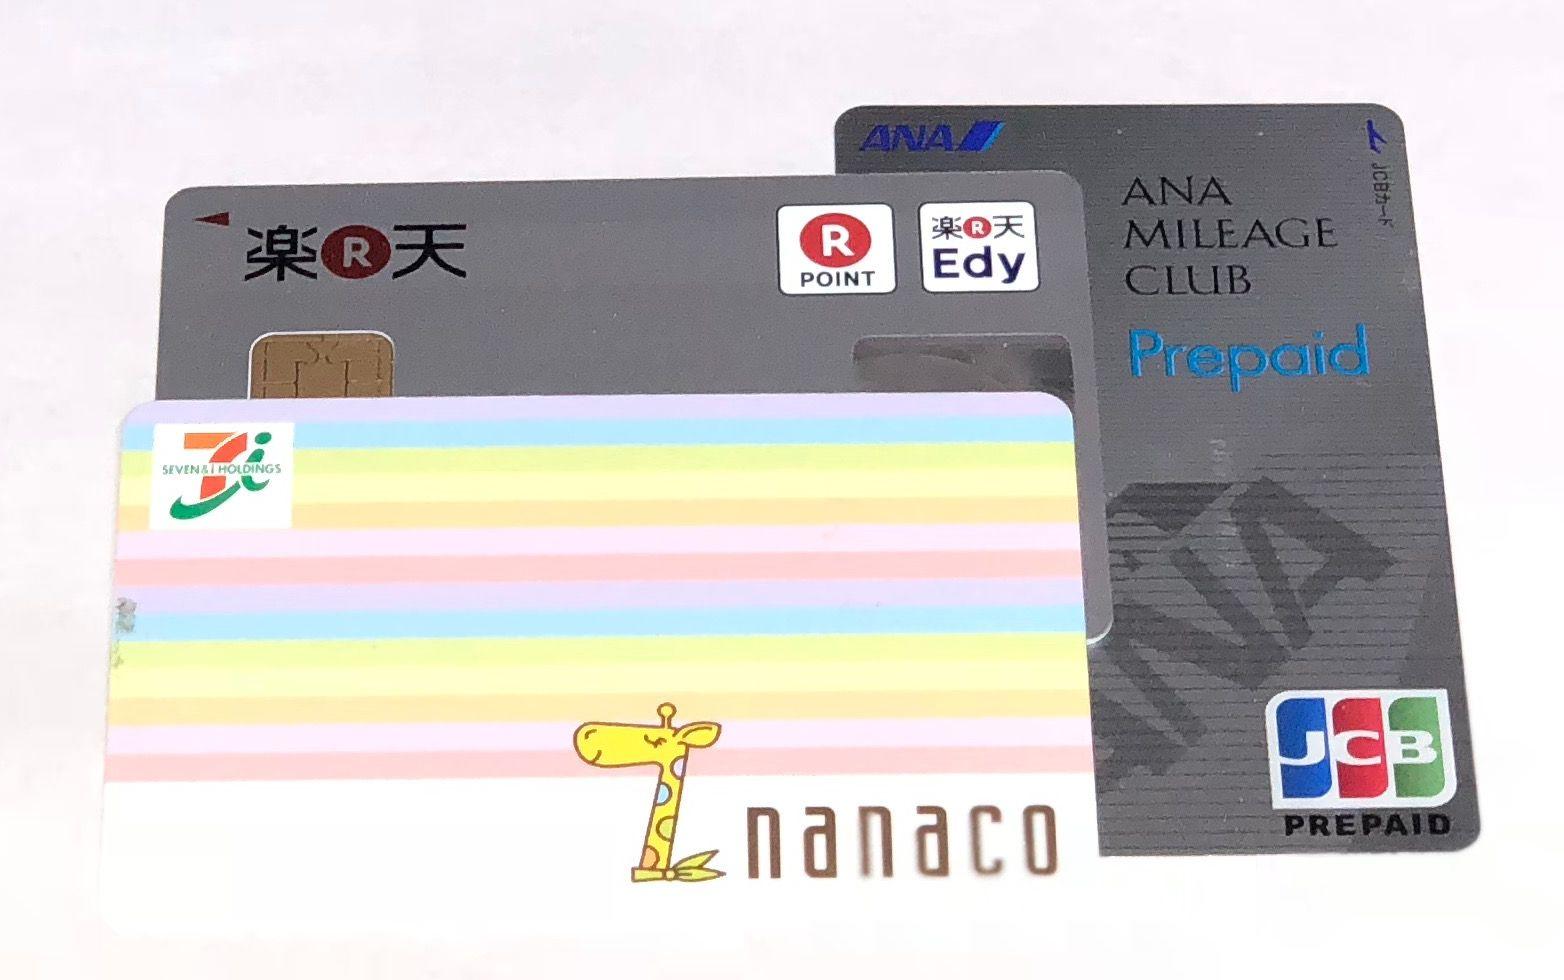 楽天カードとANA JCBプリペイドカードとnanacoカード